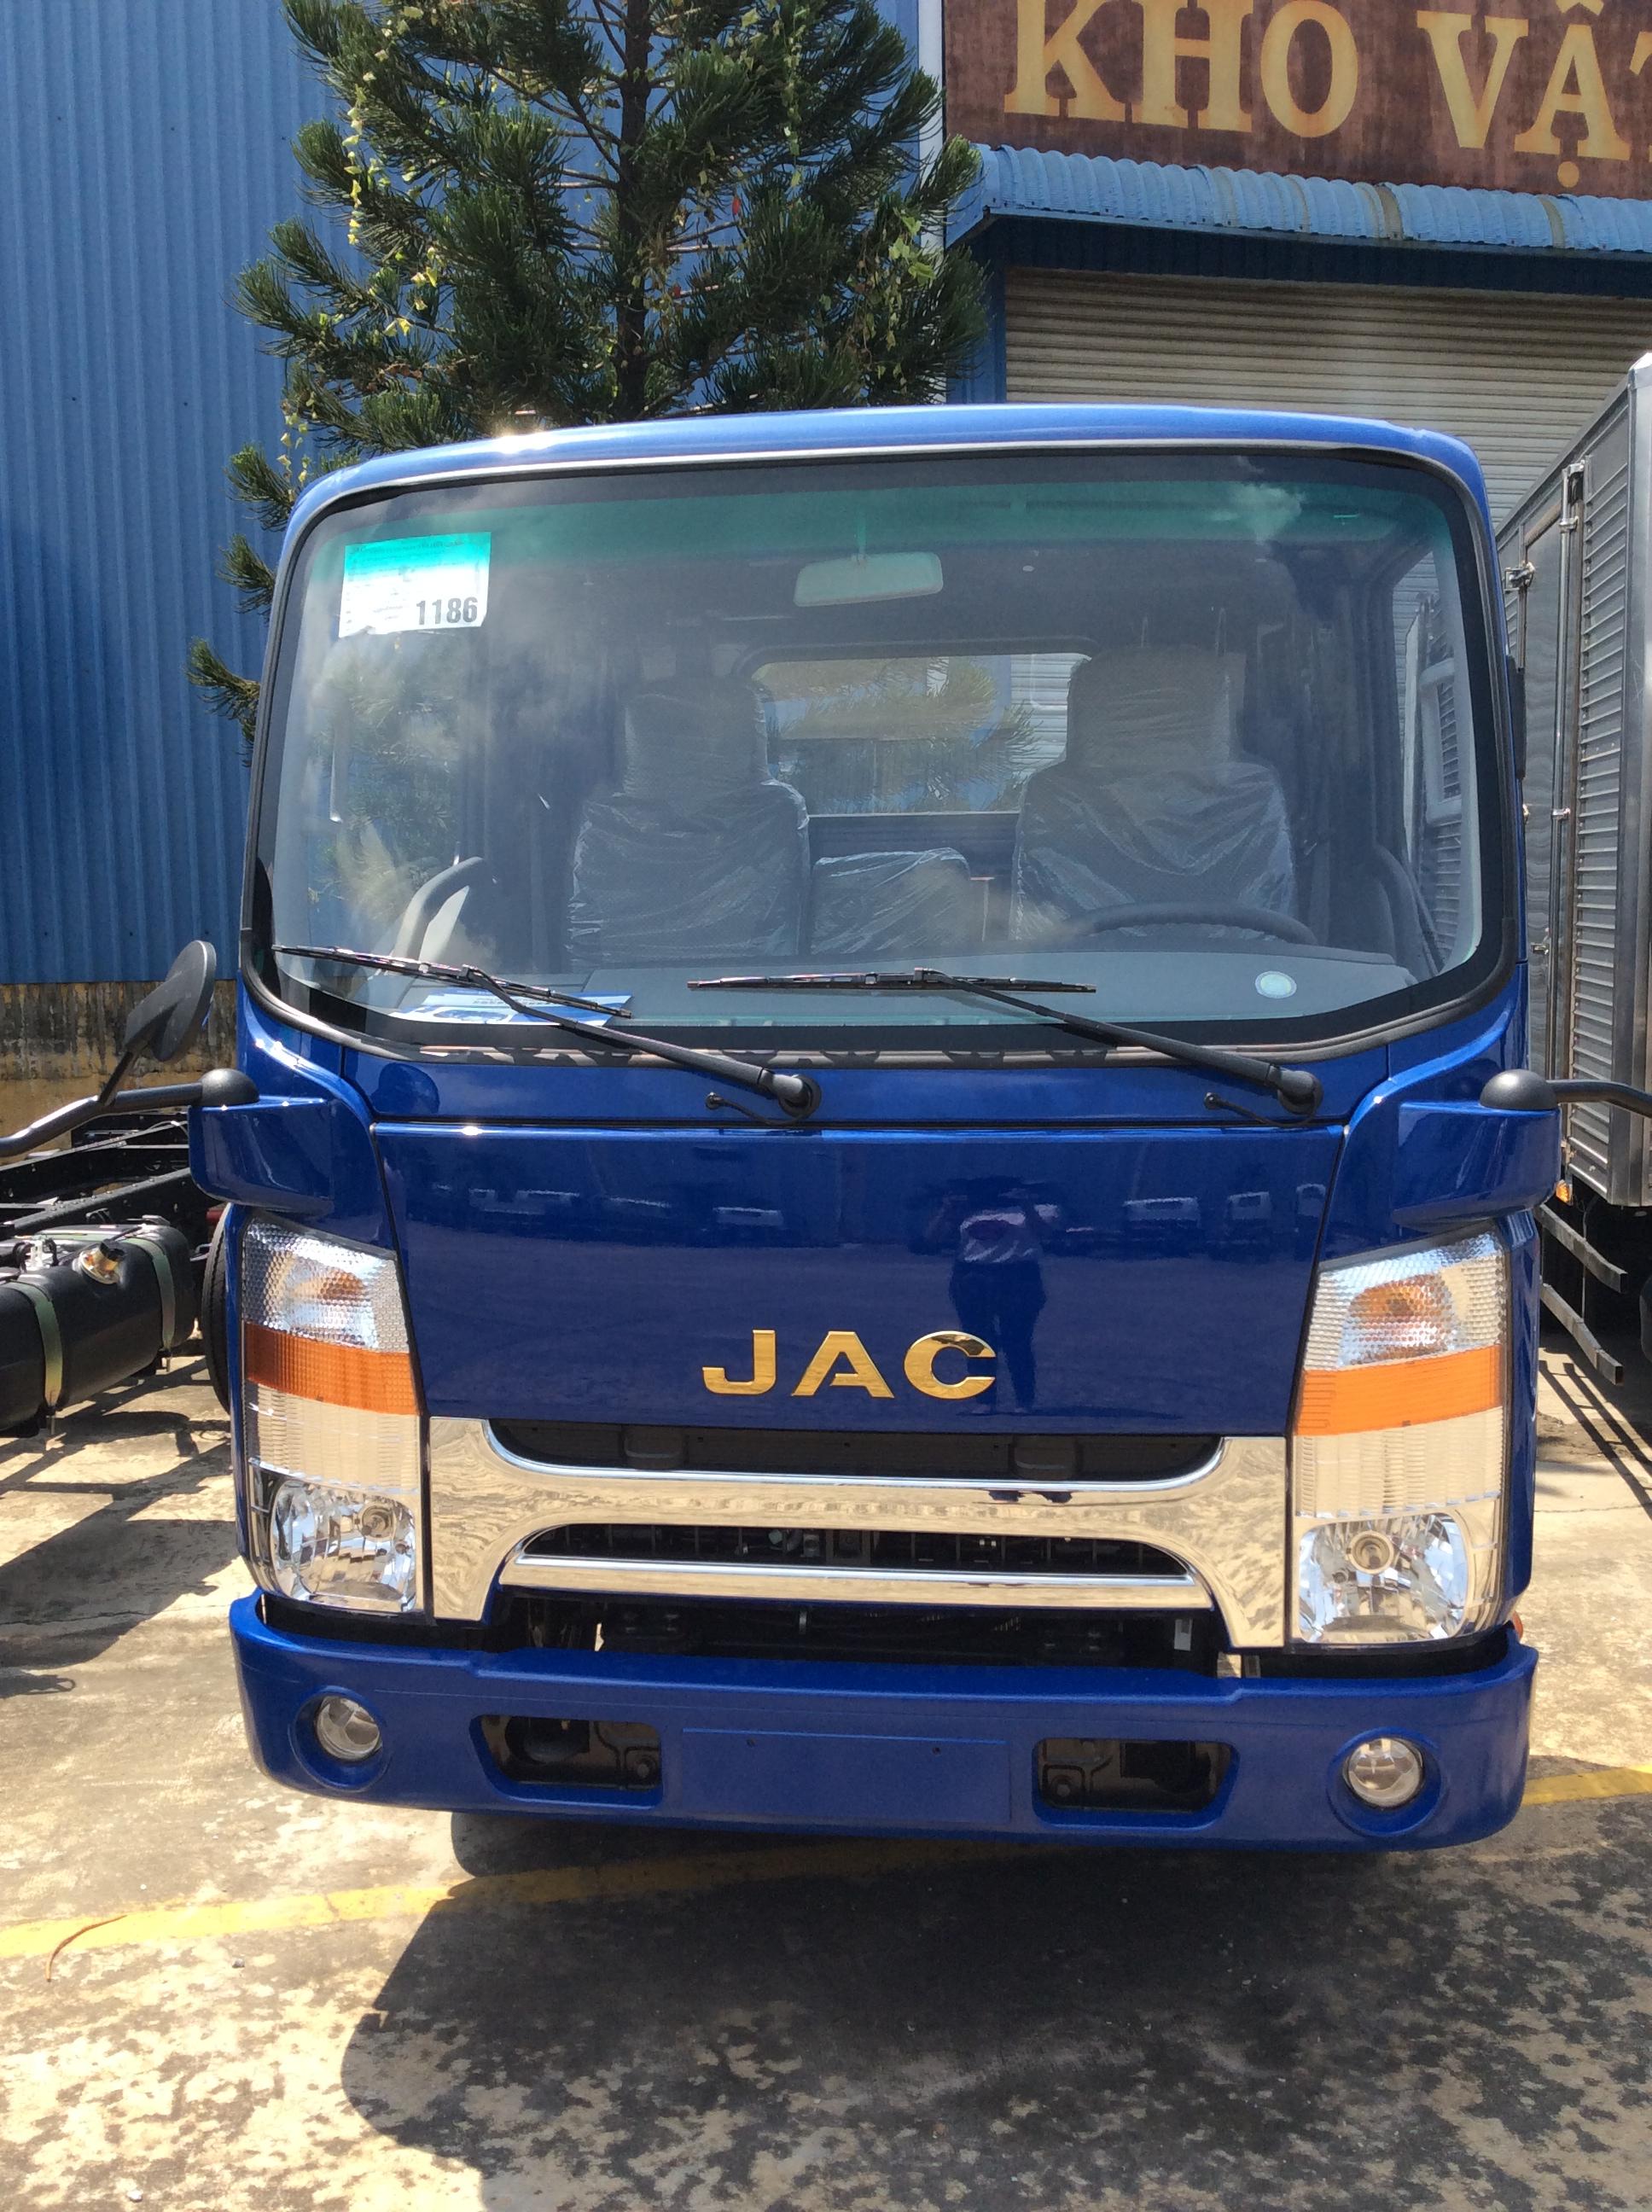 Đại lý bán xe tải jac 1.65 tấn đầu vuông máy cn isuzu thùng bạt dài 4m3 đời 2014 -2016